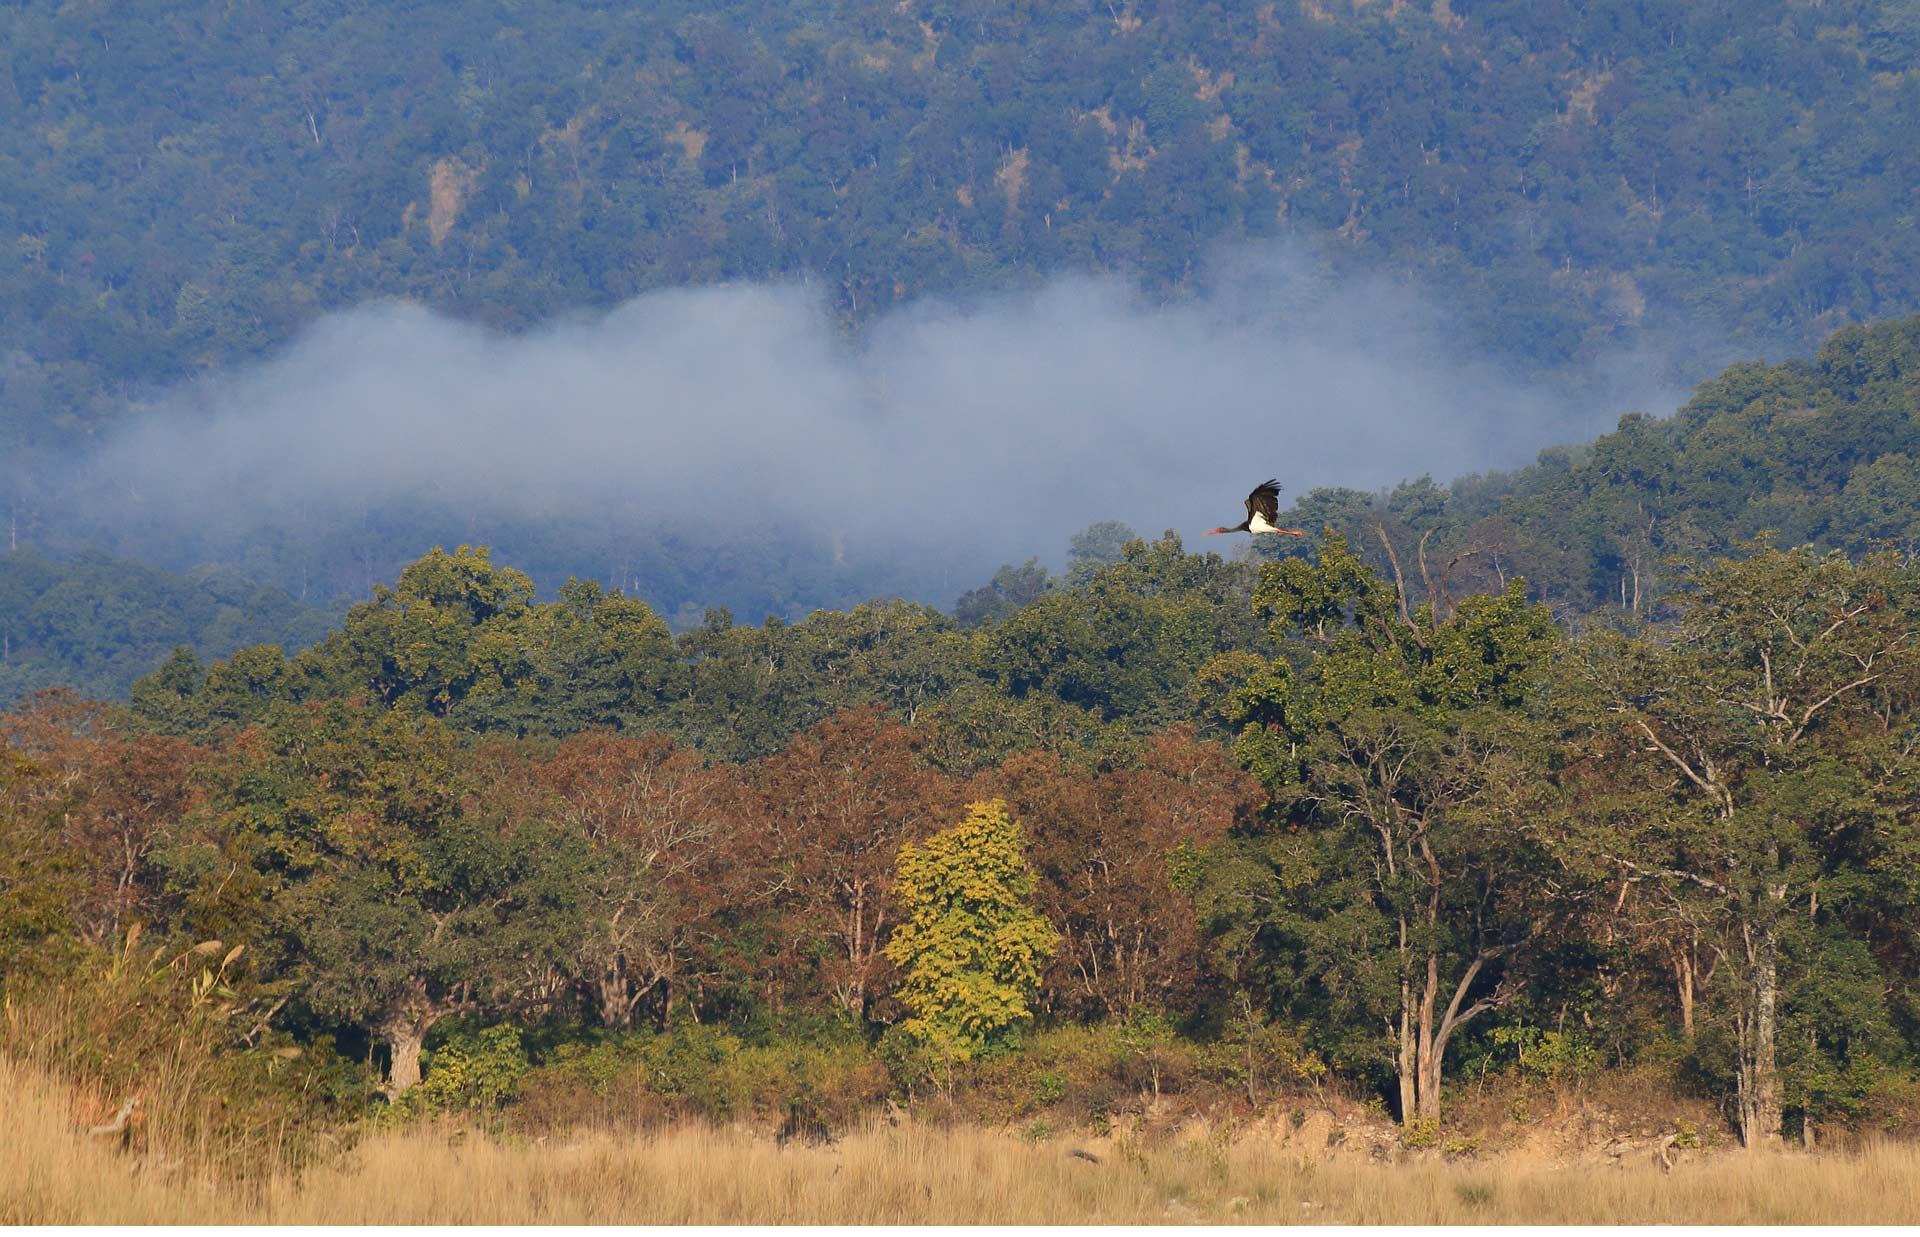 http://www.thegreatnext.com/Corbett Safari Bengal Tiger Wildlife Adventure Kumaon Uttarakhand Garhwal Nature